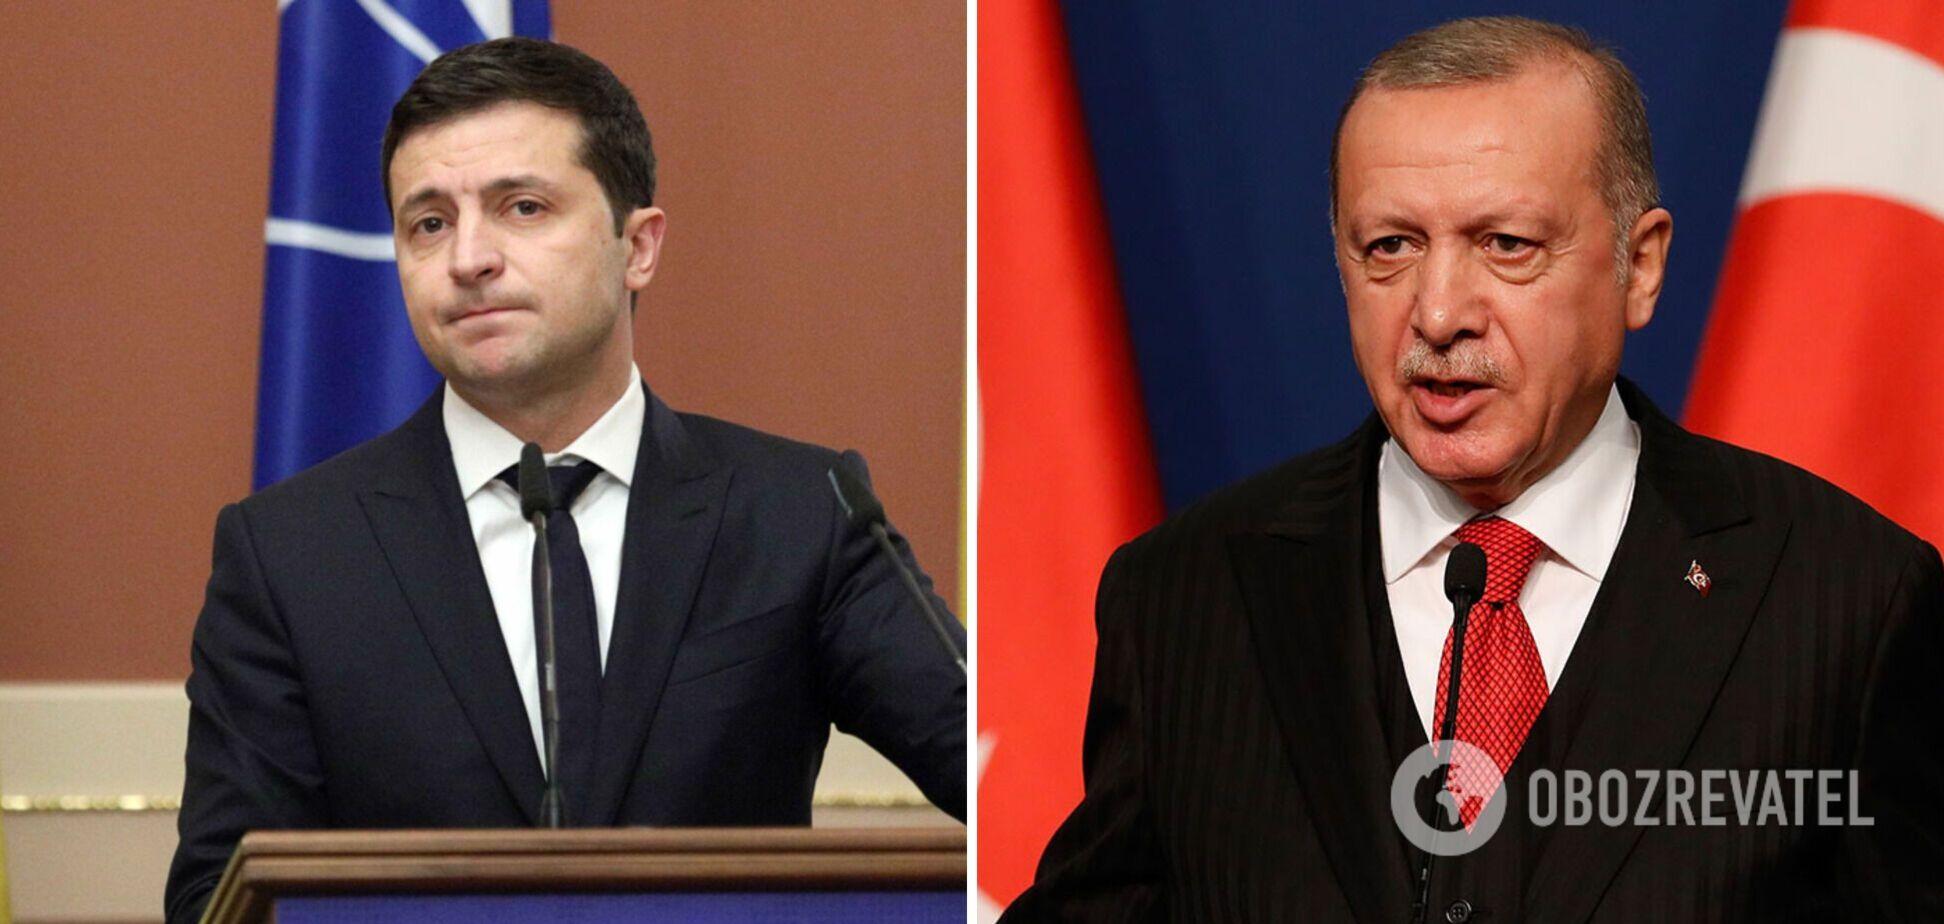 Зеленський з Ердоганом обговорили Крим і загострення на Донбасі: підсумки зустрічі